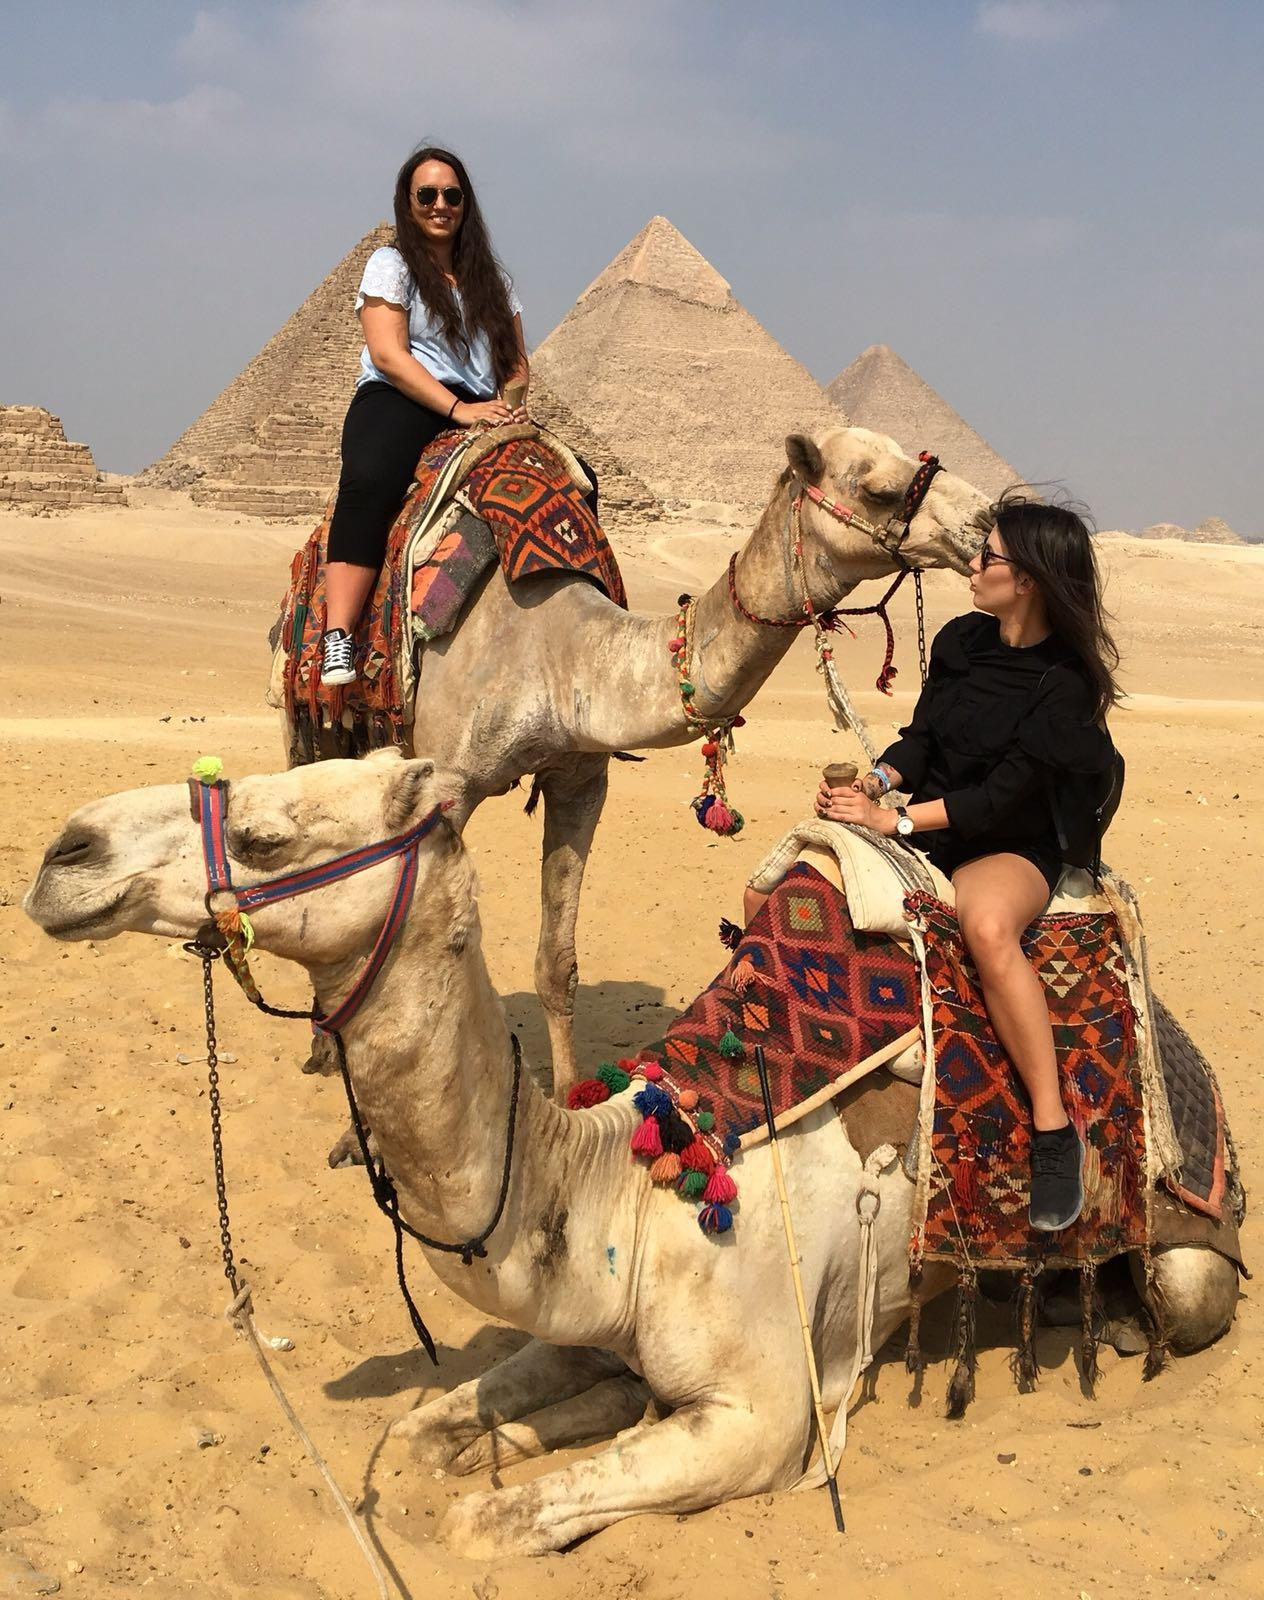 Tagesausflug nach Kairo( Pyramiden und Sphinx) ab El Sokhna Hafen